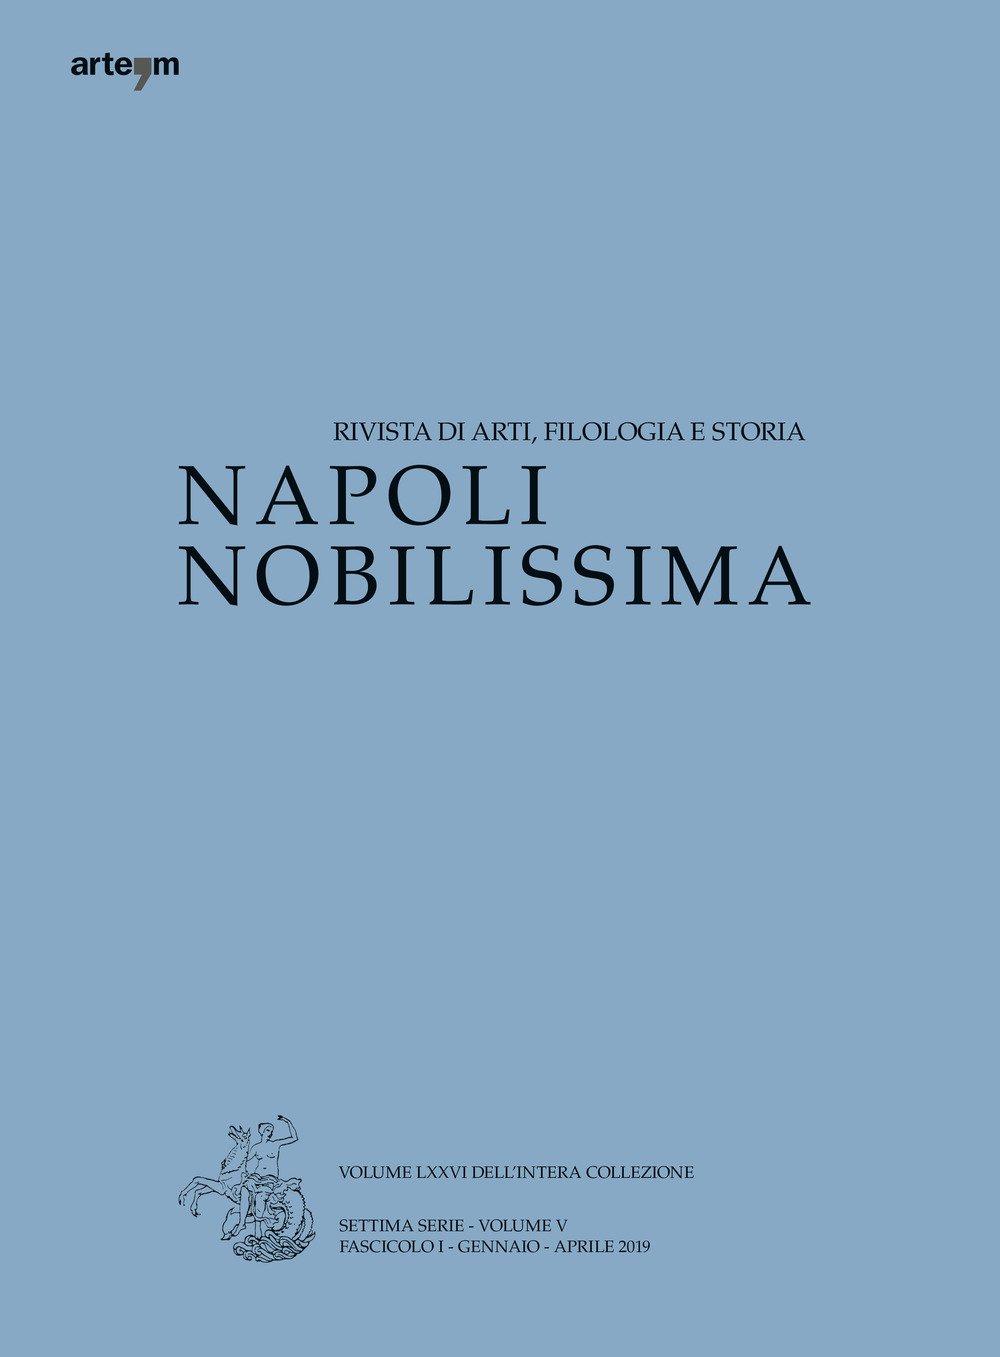 Napoli Nobilissima. Settima Serie. Volume V. Fascicolo I. Gennaio-Aprile 2019